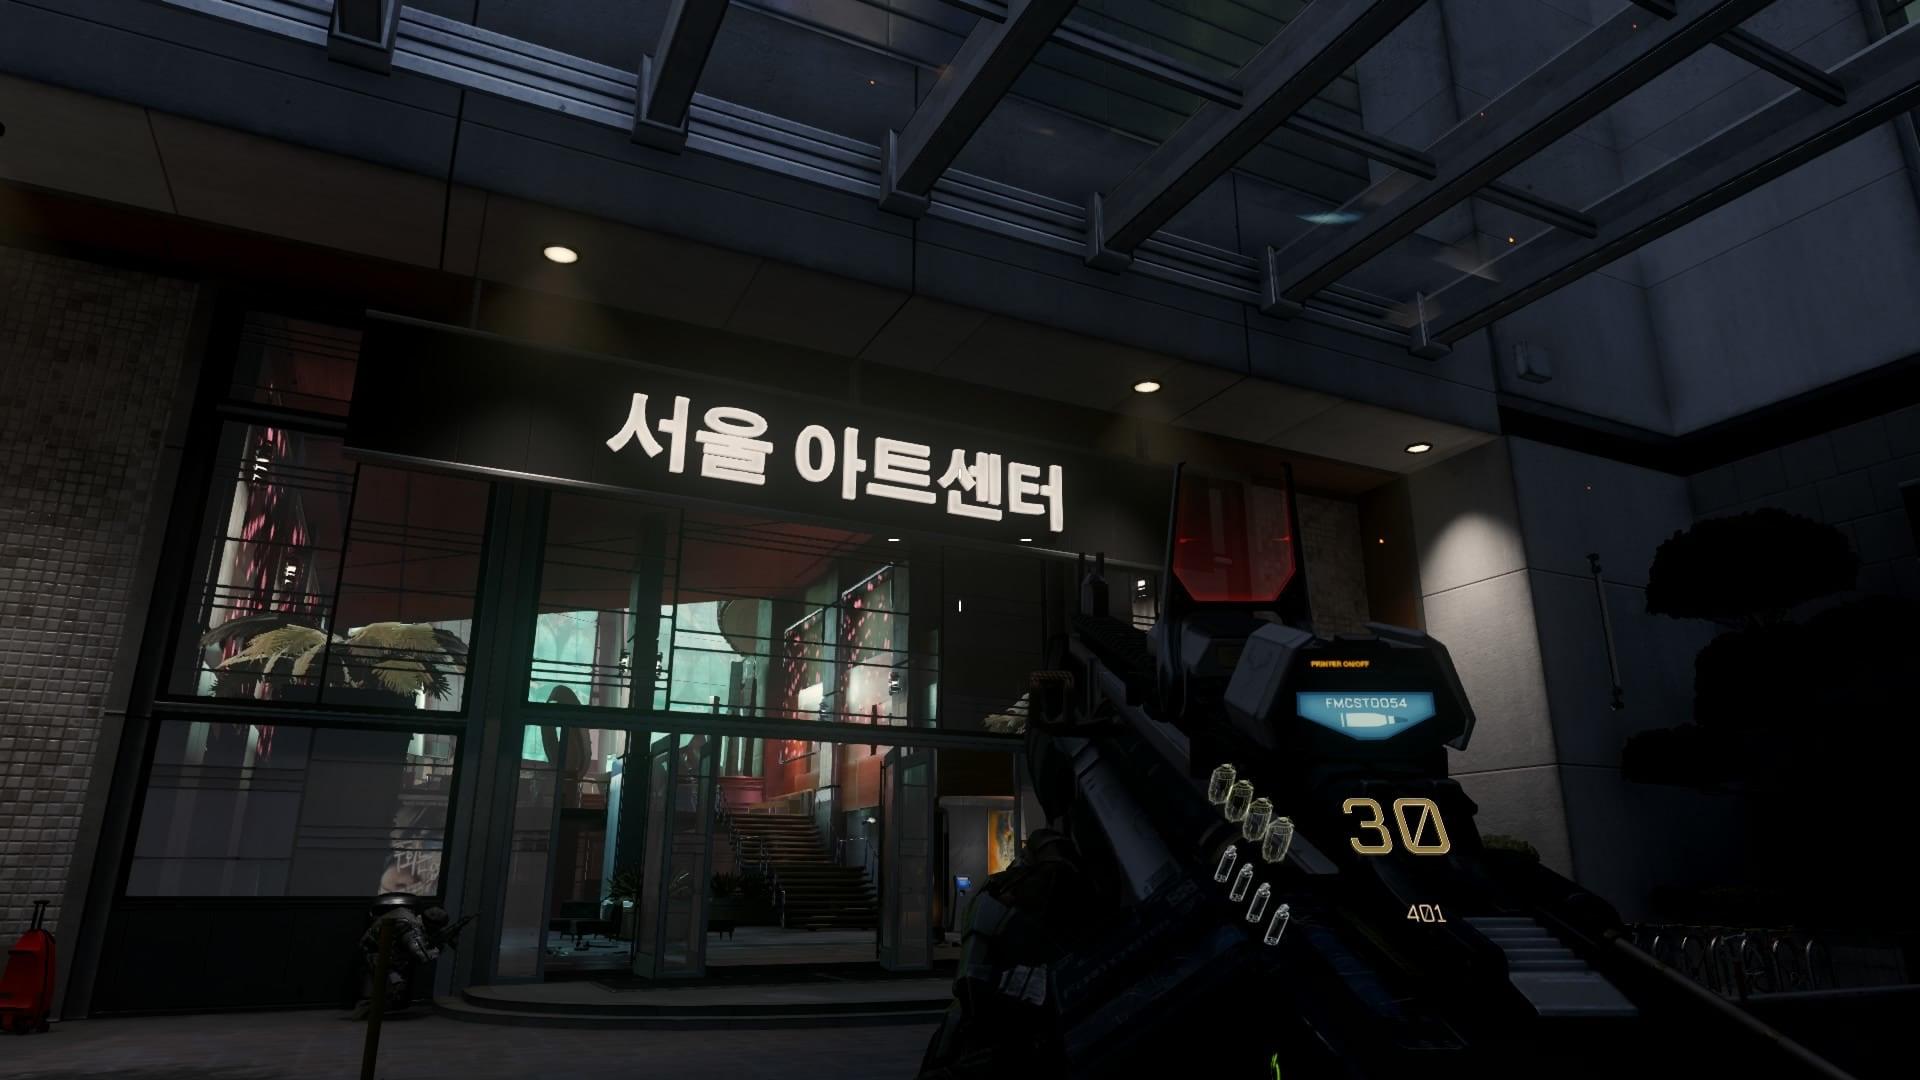 Call of Duty: Advanced Warfare est un jeu vidéo de tir à la première ..... marquer  des points, la dernière solution rapportant un nombre de points plus important.